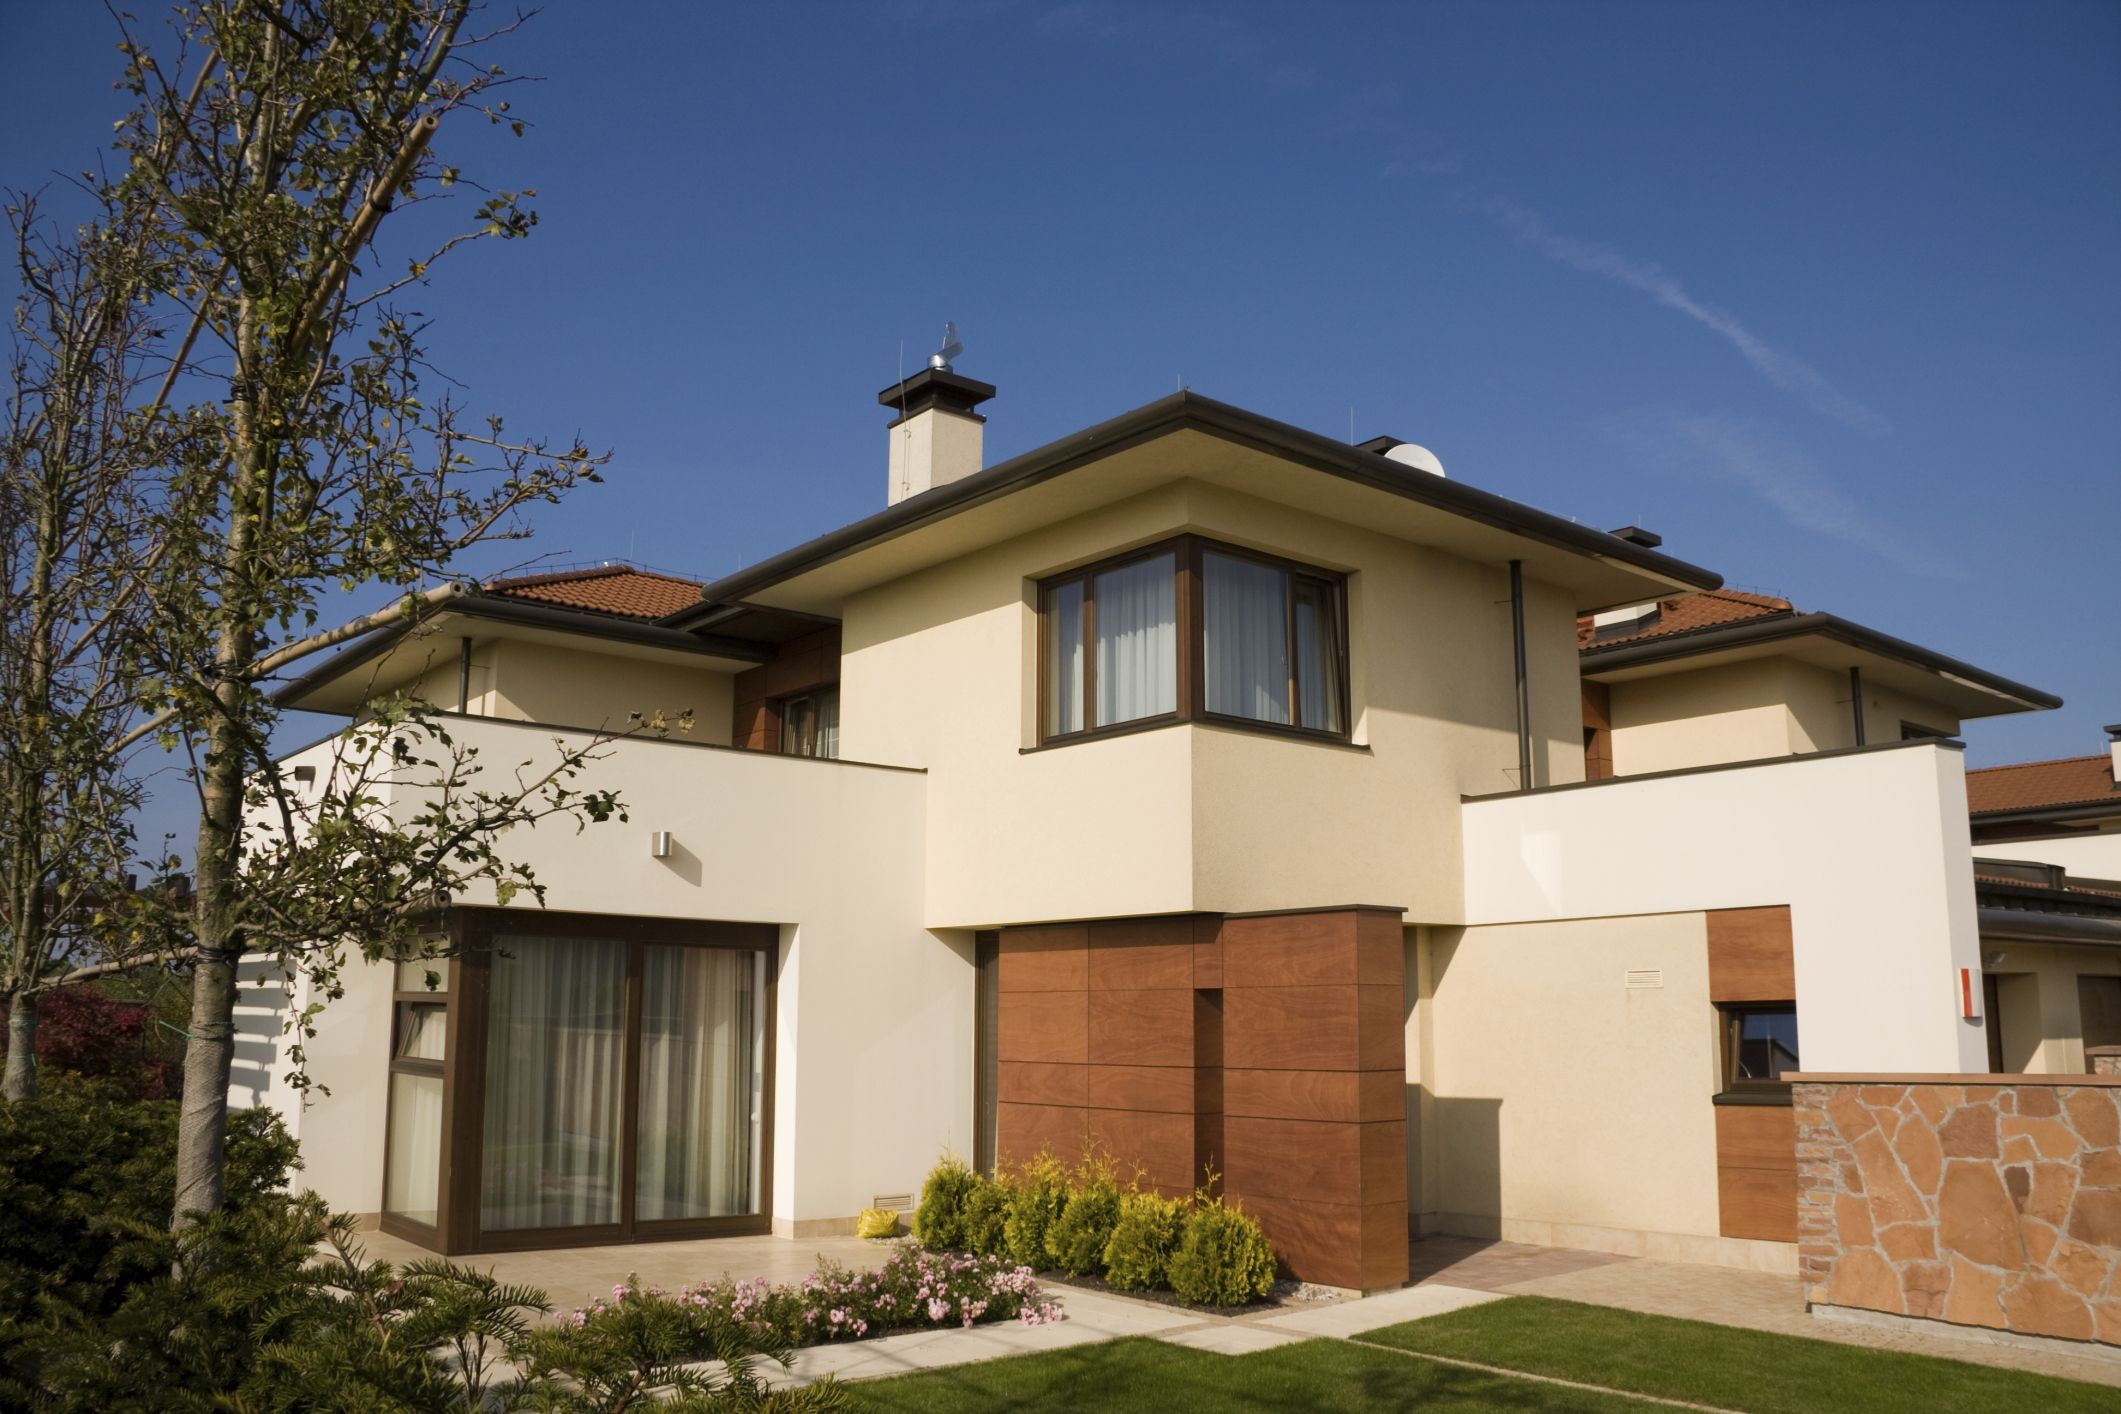 Fotos de fachadas de casas modernas   Mansion and House